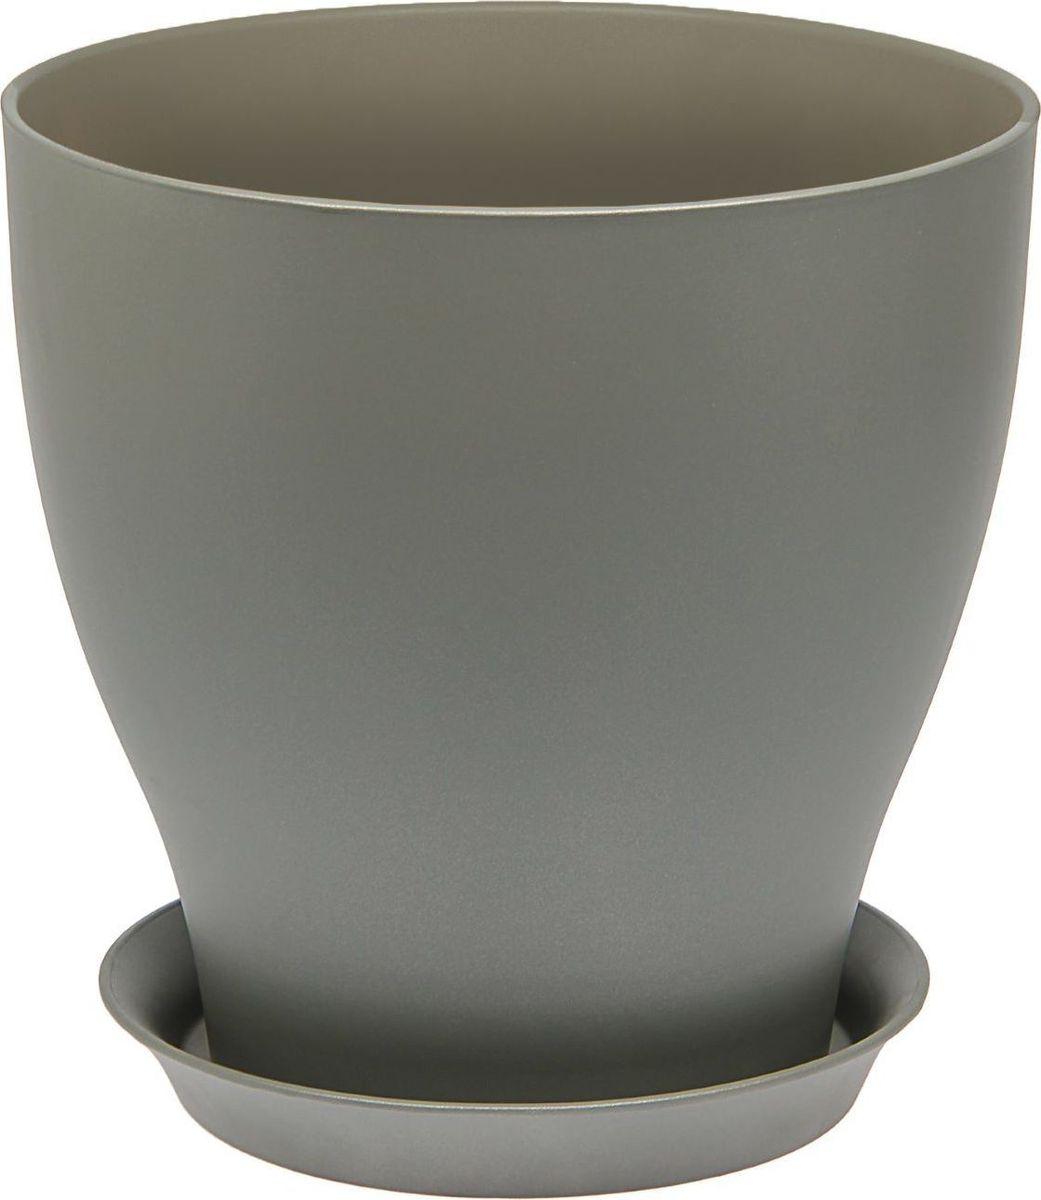 Кашпо Керамика ручной работы Ксения, цвет: серый, 55 л1465243Кашпо серии «Каменный цветок» выполнено из белой глины методом формовки и покрыто лаком. Керамическая ёмкость имеет объём, оптимальный для создания наилучших условий развития большинства растений.Устойчивый глубокий поддон защитит поверхность стола или подставки от жидкости.Благодаря строгим стандартам производства изделия отличаются правильной формой, отсутствием дефектов, имеют достаточную тяжесть для надёжной фиксации конструкции.Окраска моделей не восприимчива к прямым солнечным лучам, а в цветовой гамме преобладают яркие и насыщенные оттенки.Красота, удобство и долговечность кашпо серии «Каменный цветок» порадует любителей высококачественных аксессуаров для комнатных растений.